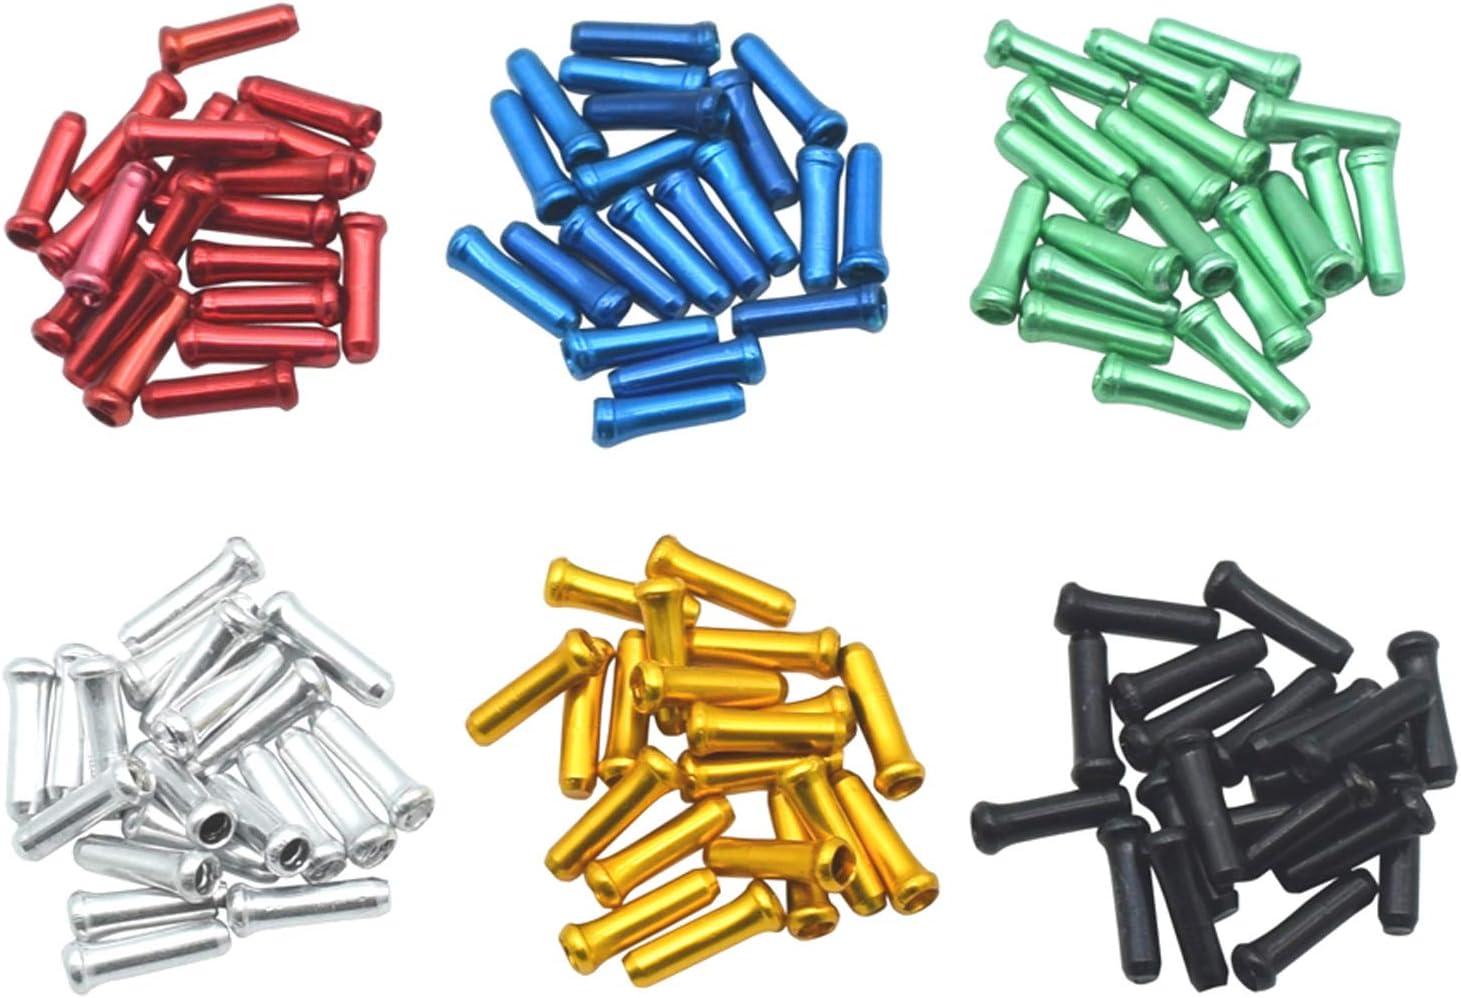 Tapa de Cable de Freno,100 PCS Engarces de Extremo de Cable Tapas de Extremo de Cable de Bicicleta Aluminio Puntas de Cable Interior de Palanca de Cambios para Bicicleta de Monta/ñ Muticolor